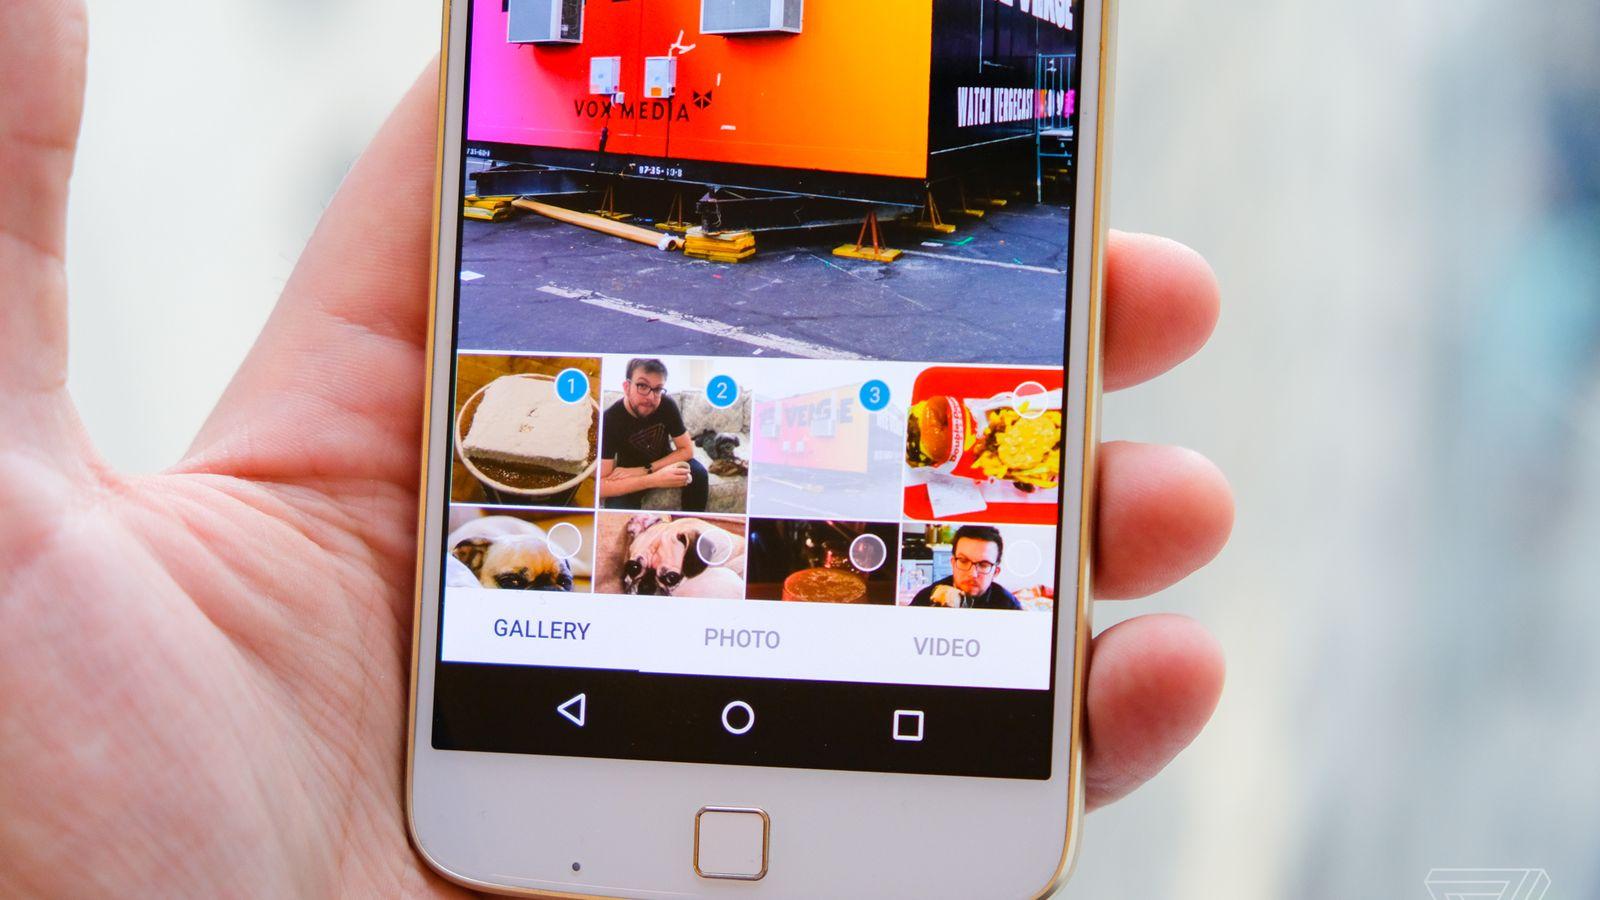 🎖 Instagram So laden Sie mehrere Fotos in einen Instagram